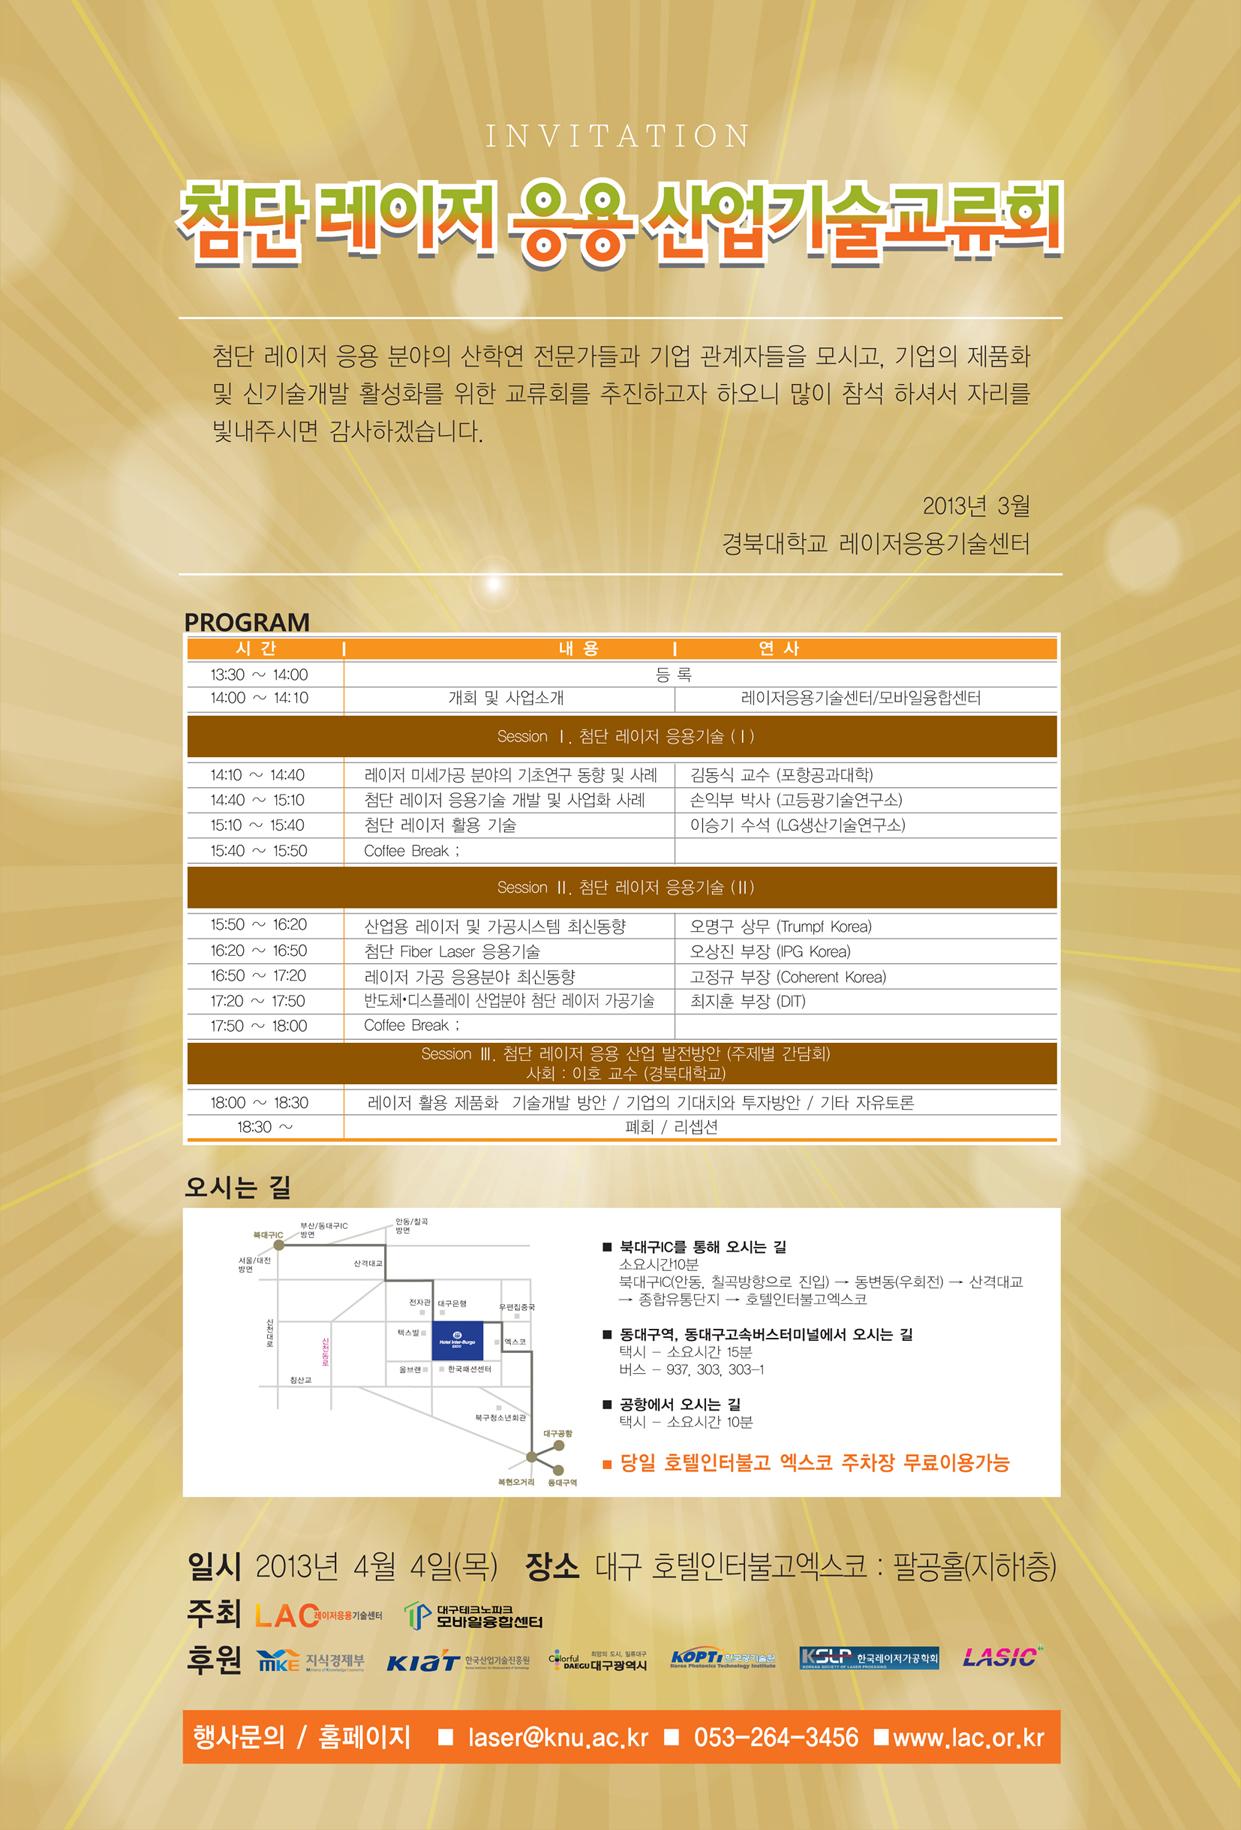 0318-레이저응용기술센터 4월4일 웹초대장 수정150.jpg